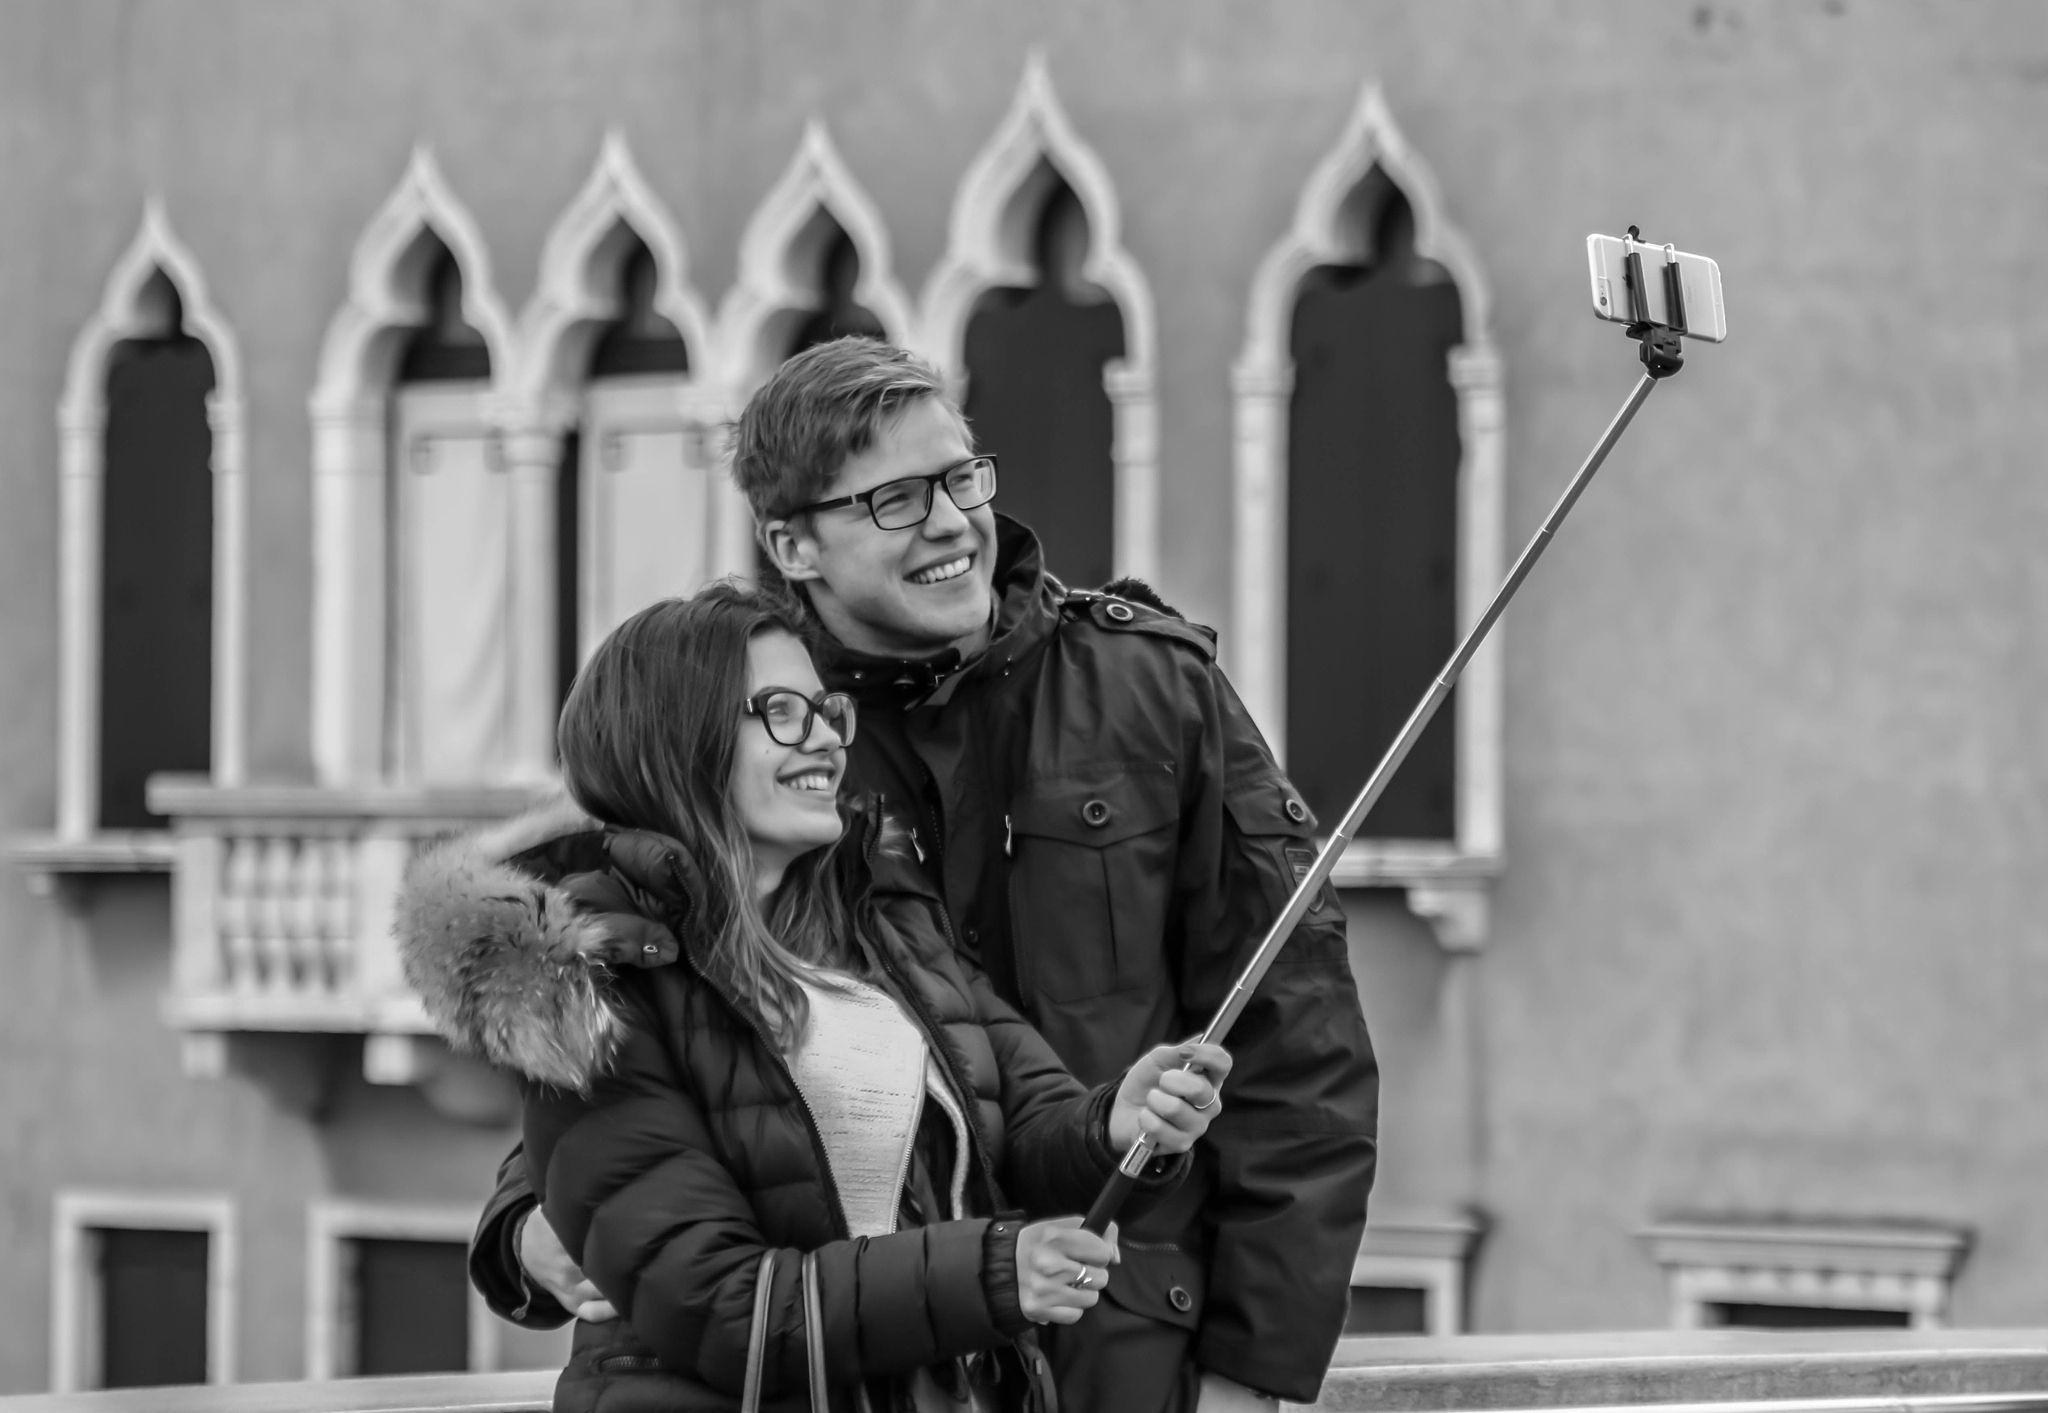 selfie by Manu N. on 500px